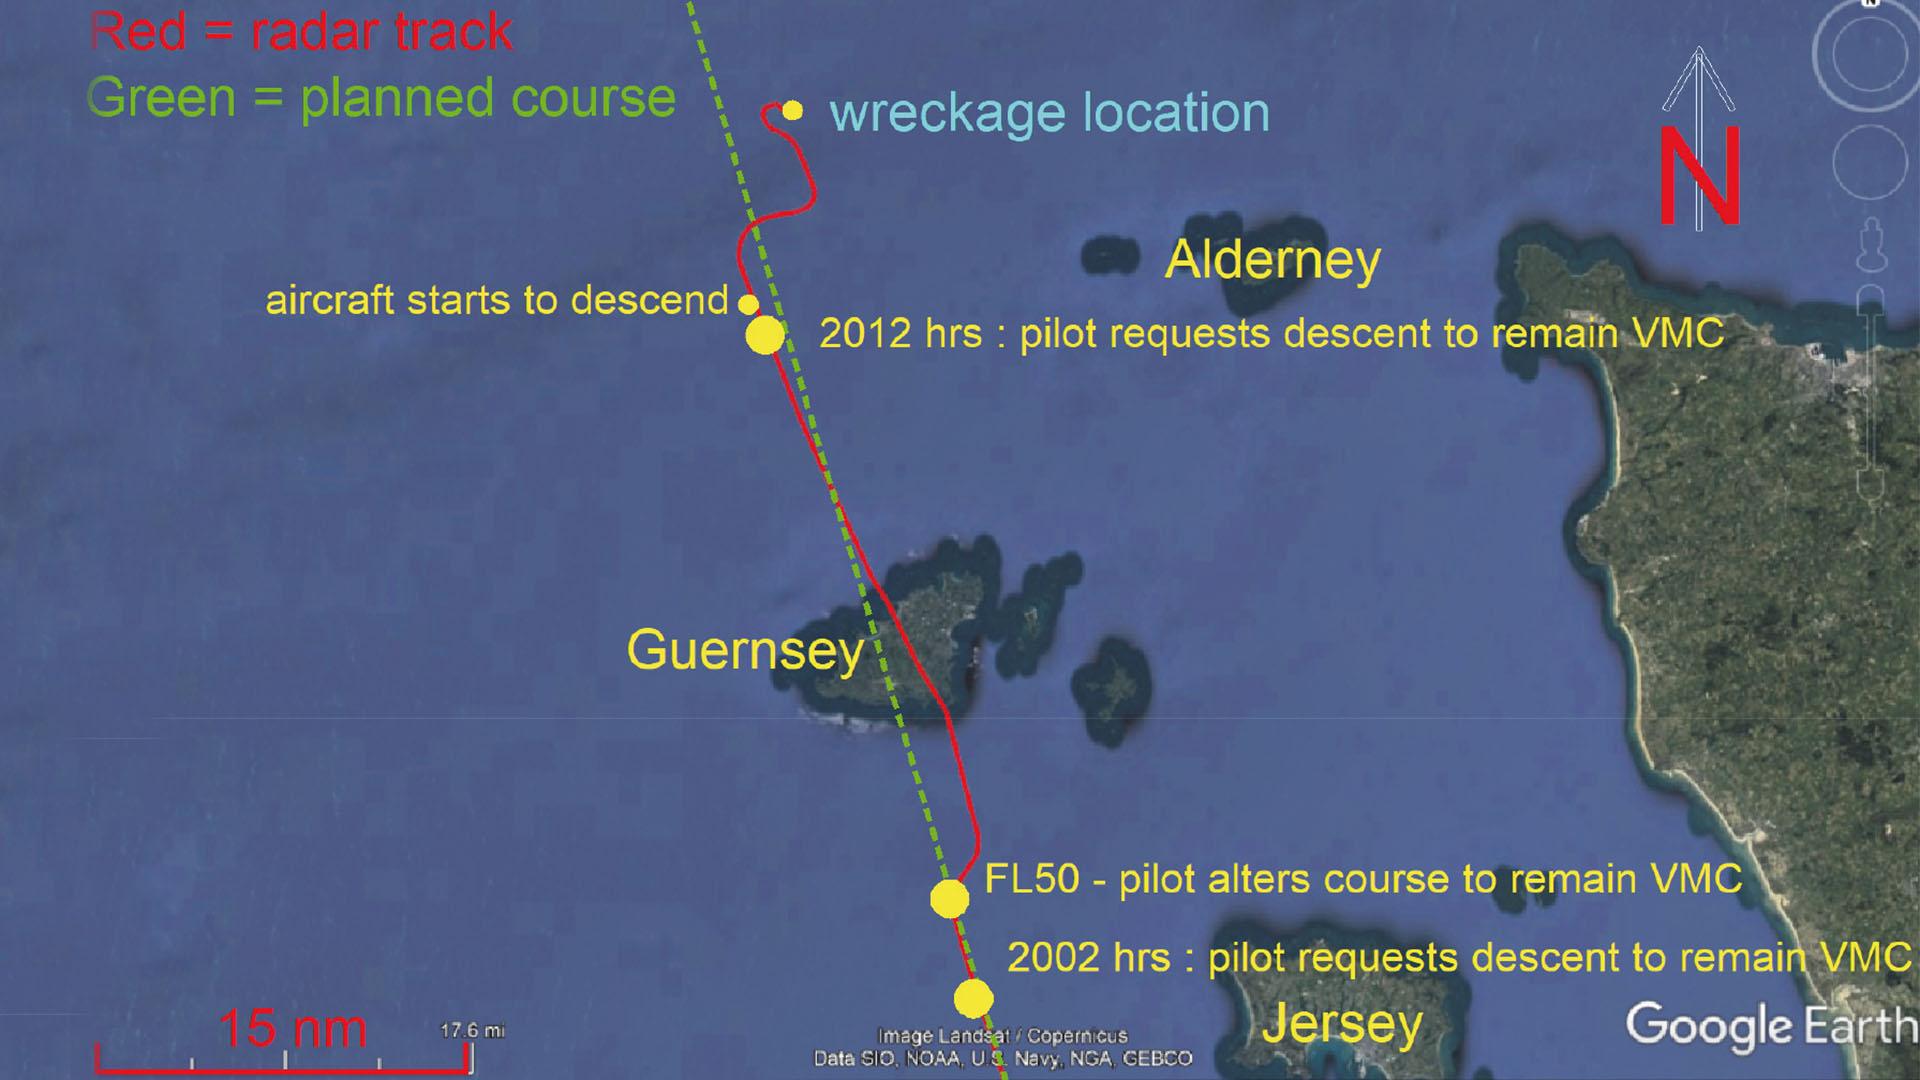 Recorrido del Piper Malibu según los controladores en Guernsey.